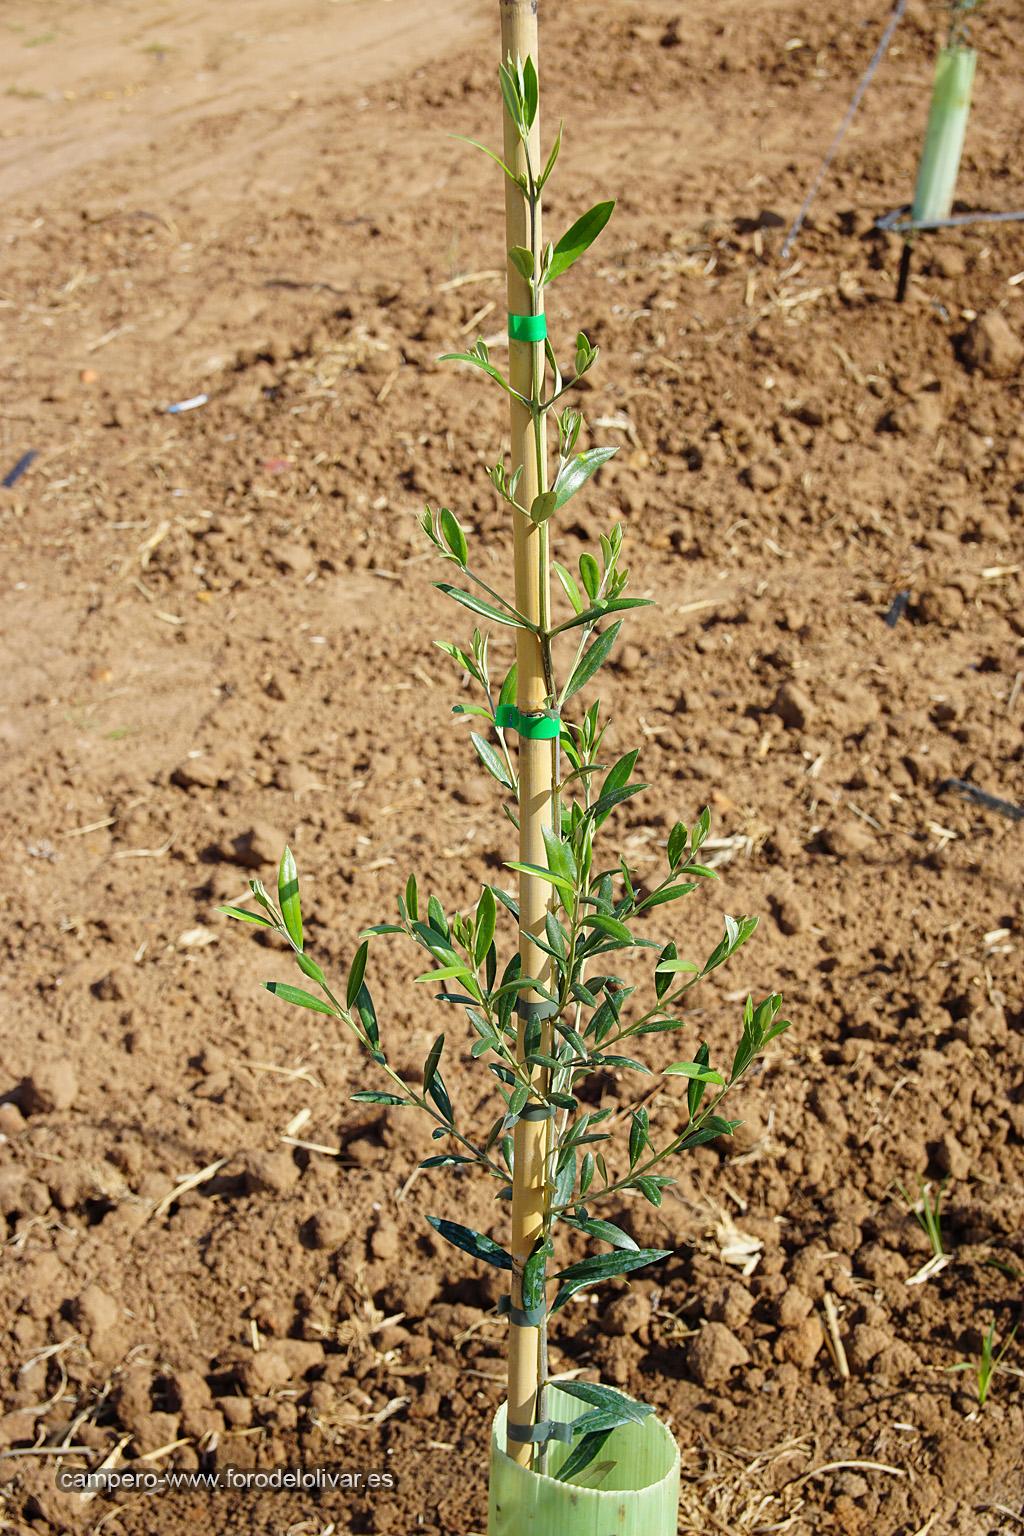 Plantación de olivar superintensivo en emparrado (Badajoz) Dfnzq